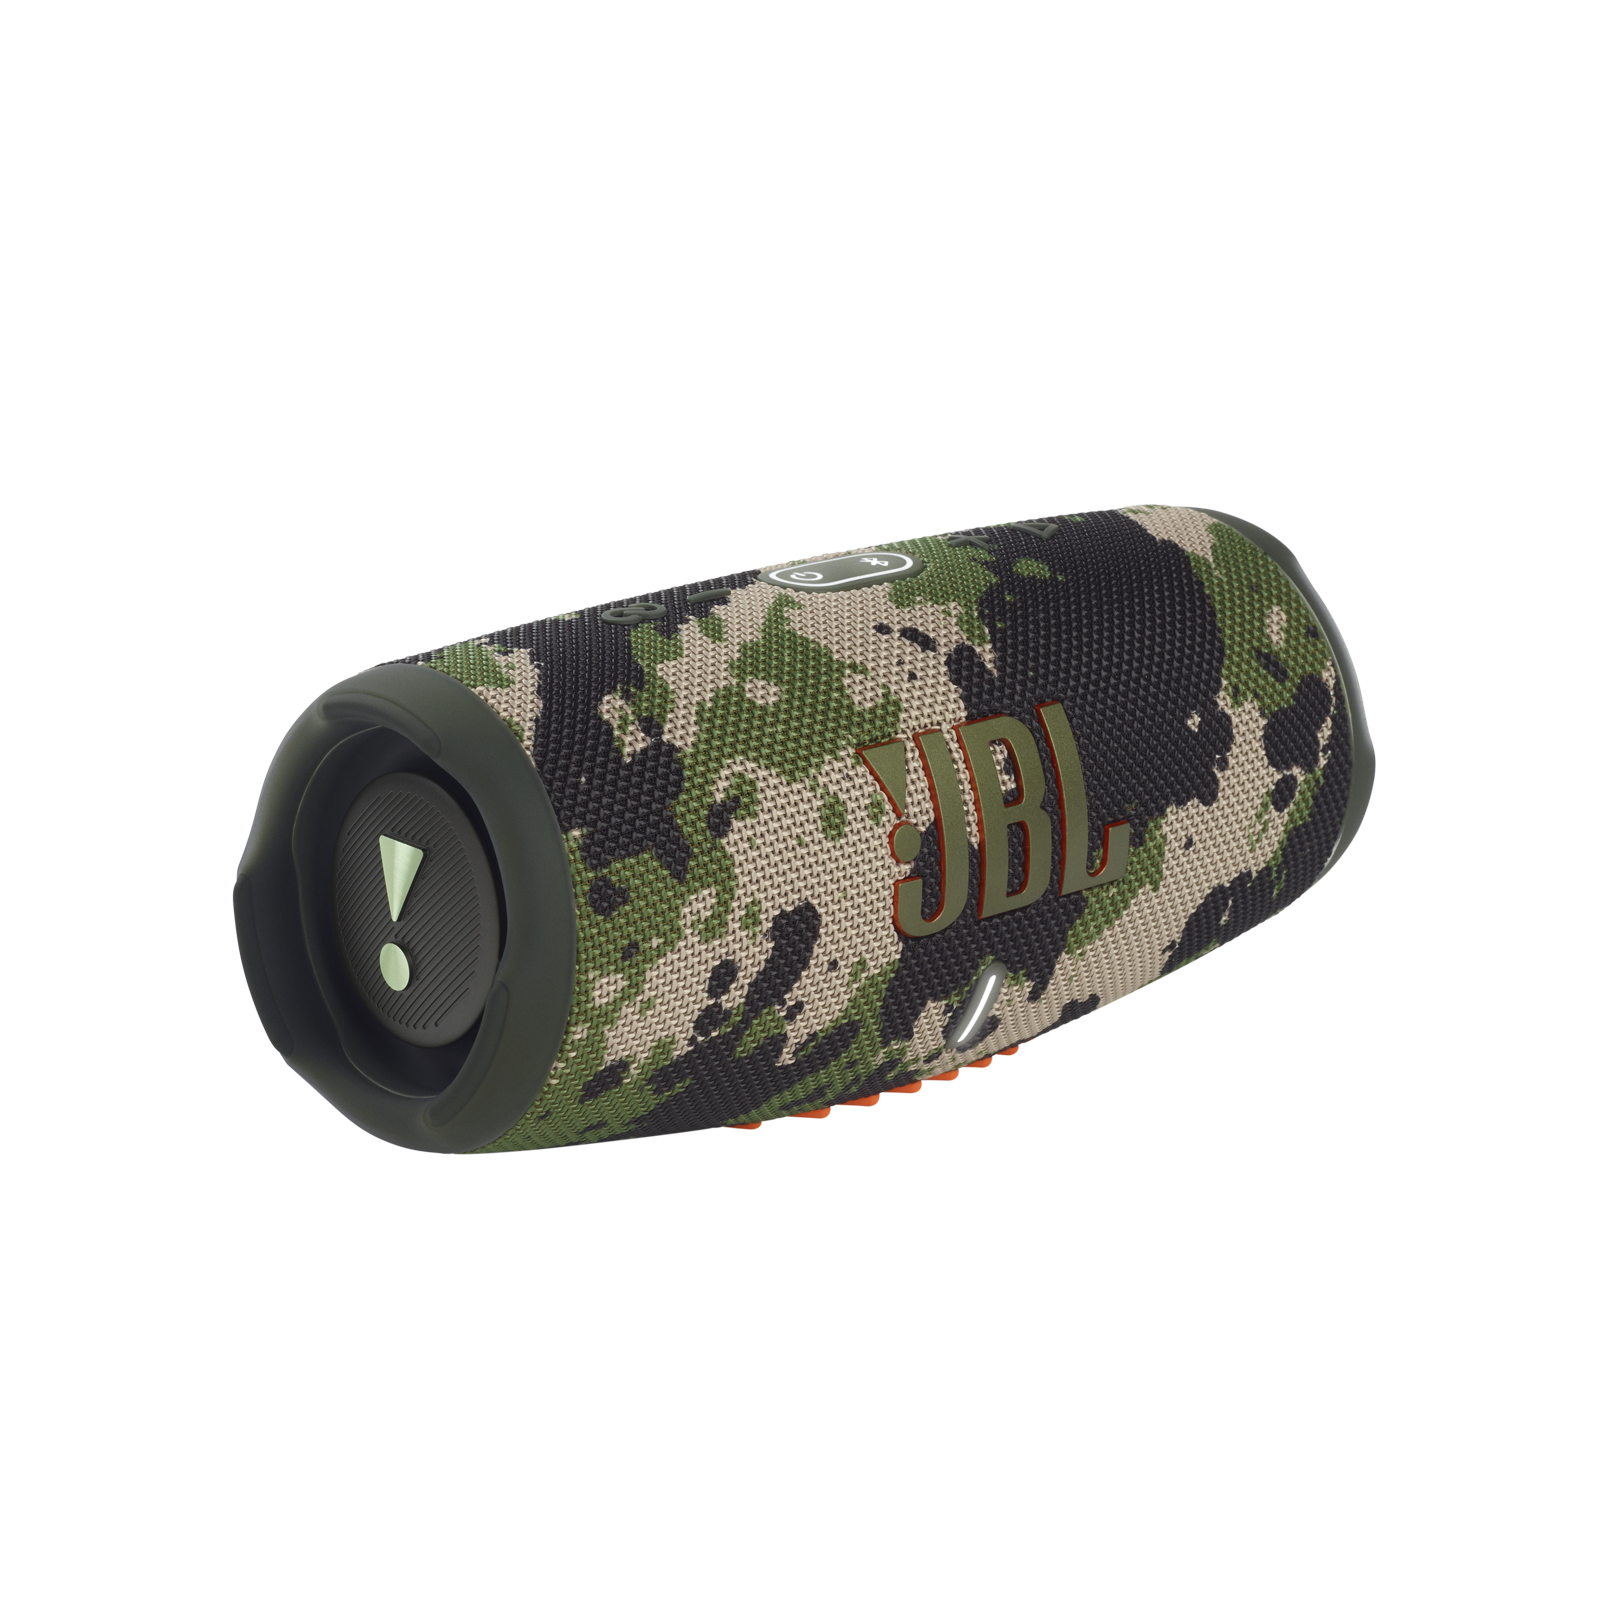 JBL Charge 5 - Squad - Portable Waterproof Speaker with Powerbank - Hero